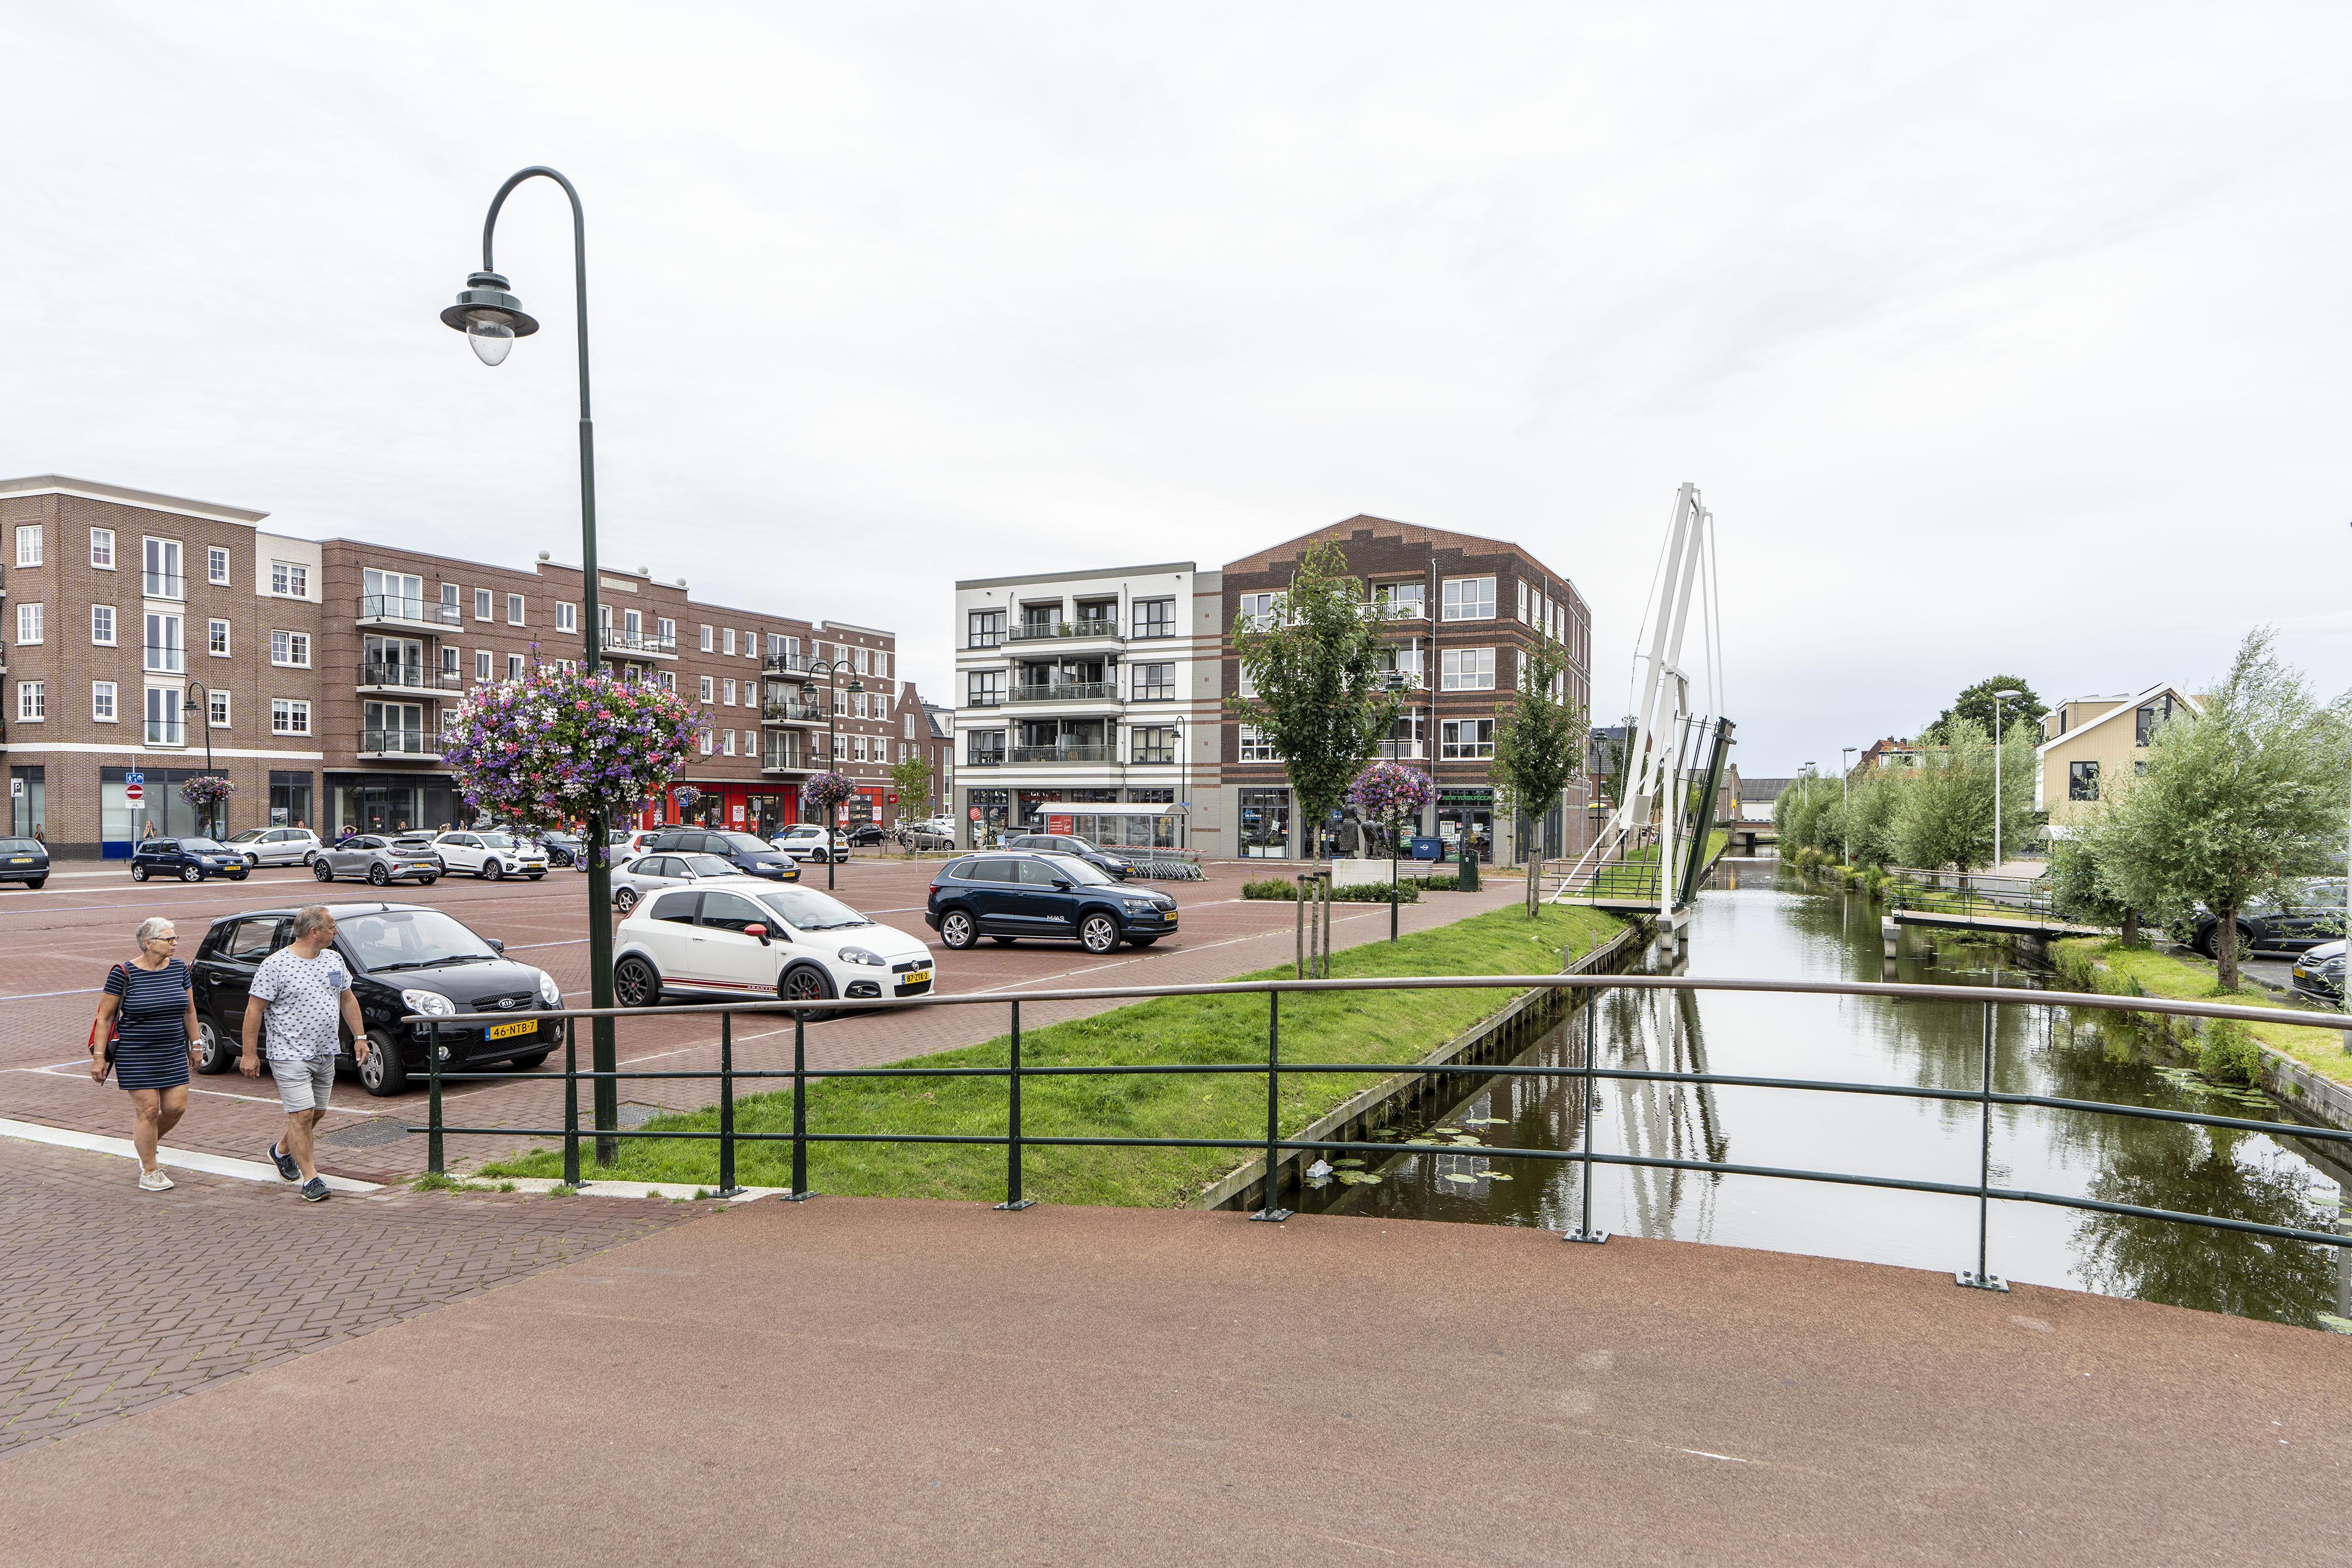 Ophaalbrug als bron van ellende in het winkelhart van Roelofarendsveen (update)